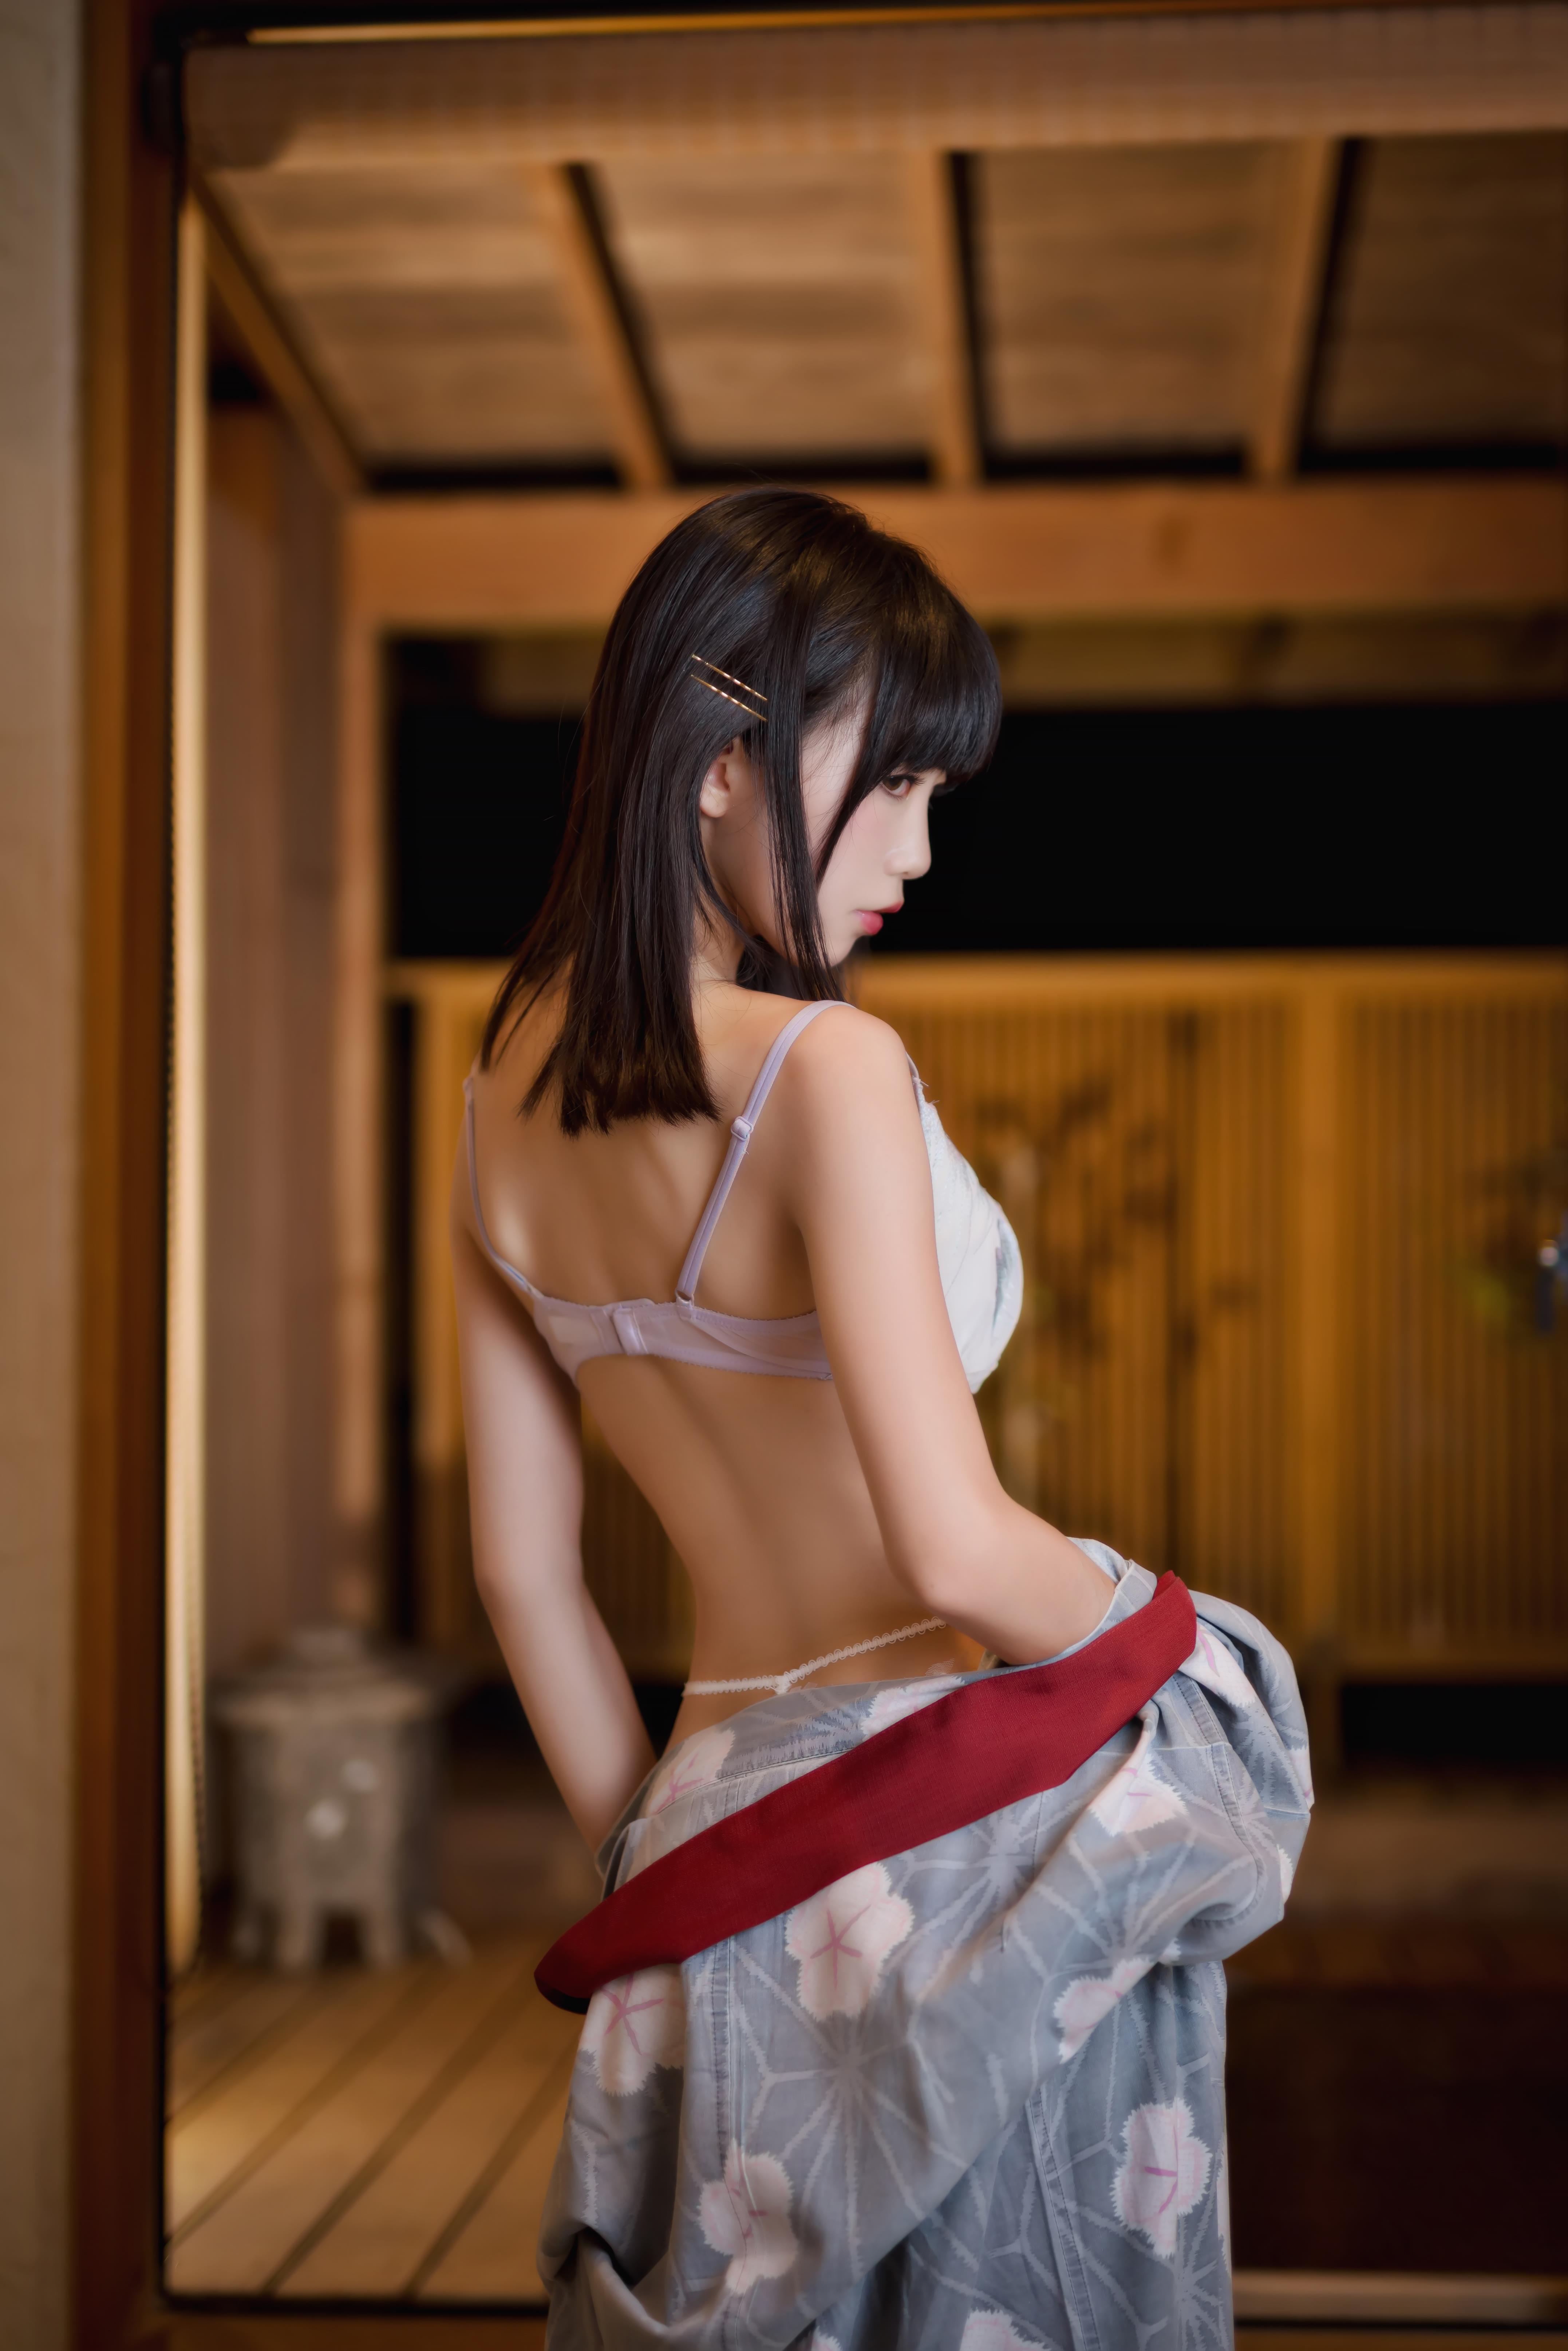 【四斋社妹子图】微博知名动漫COS妹子博主@水淼aqua的微博 浴衣下的美少女